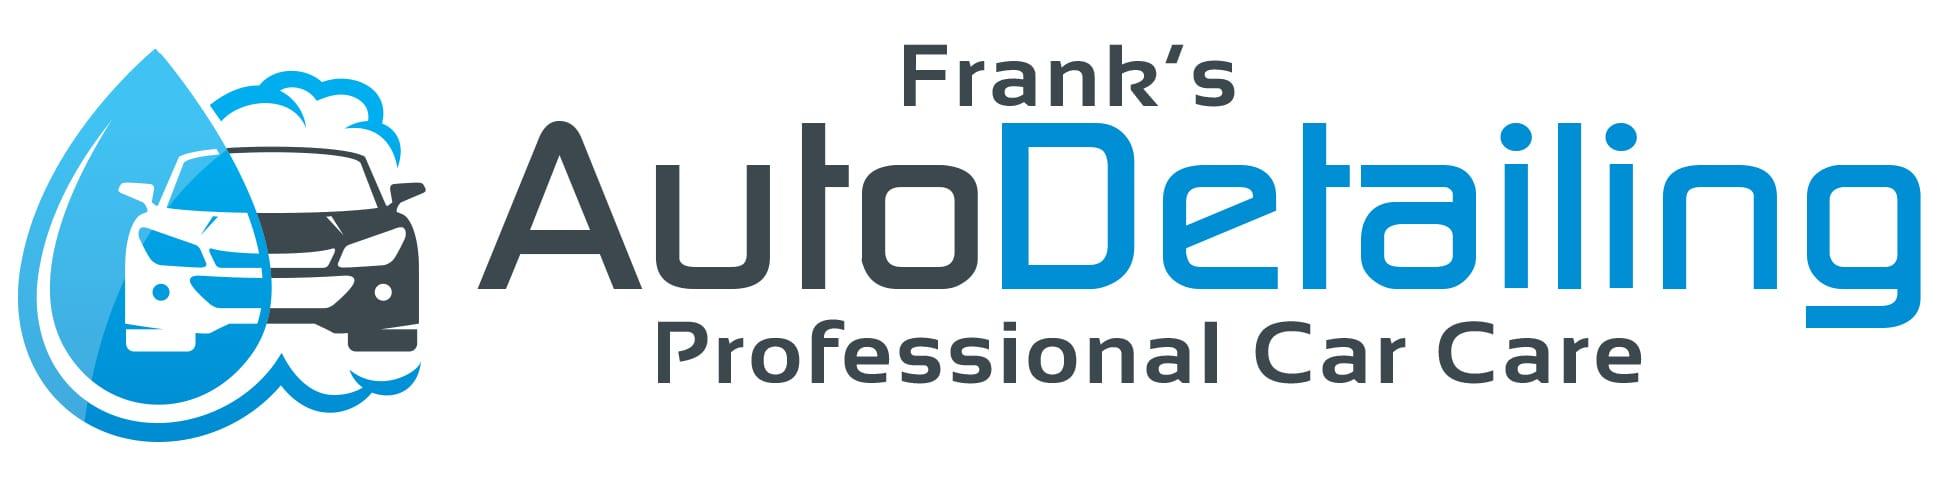 Franks-Auto-Detailing-Logo